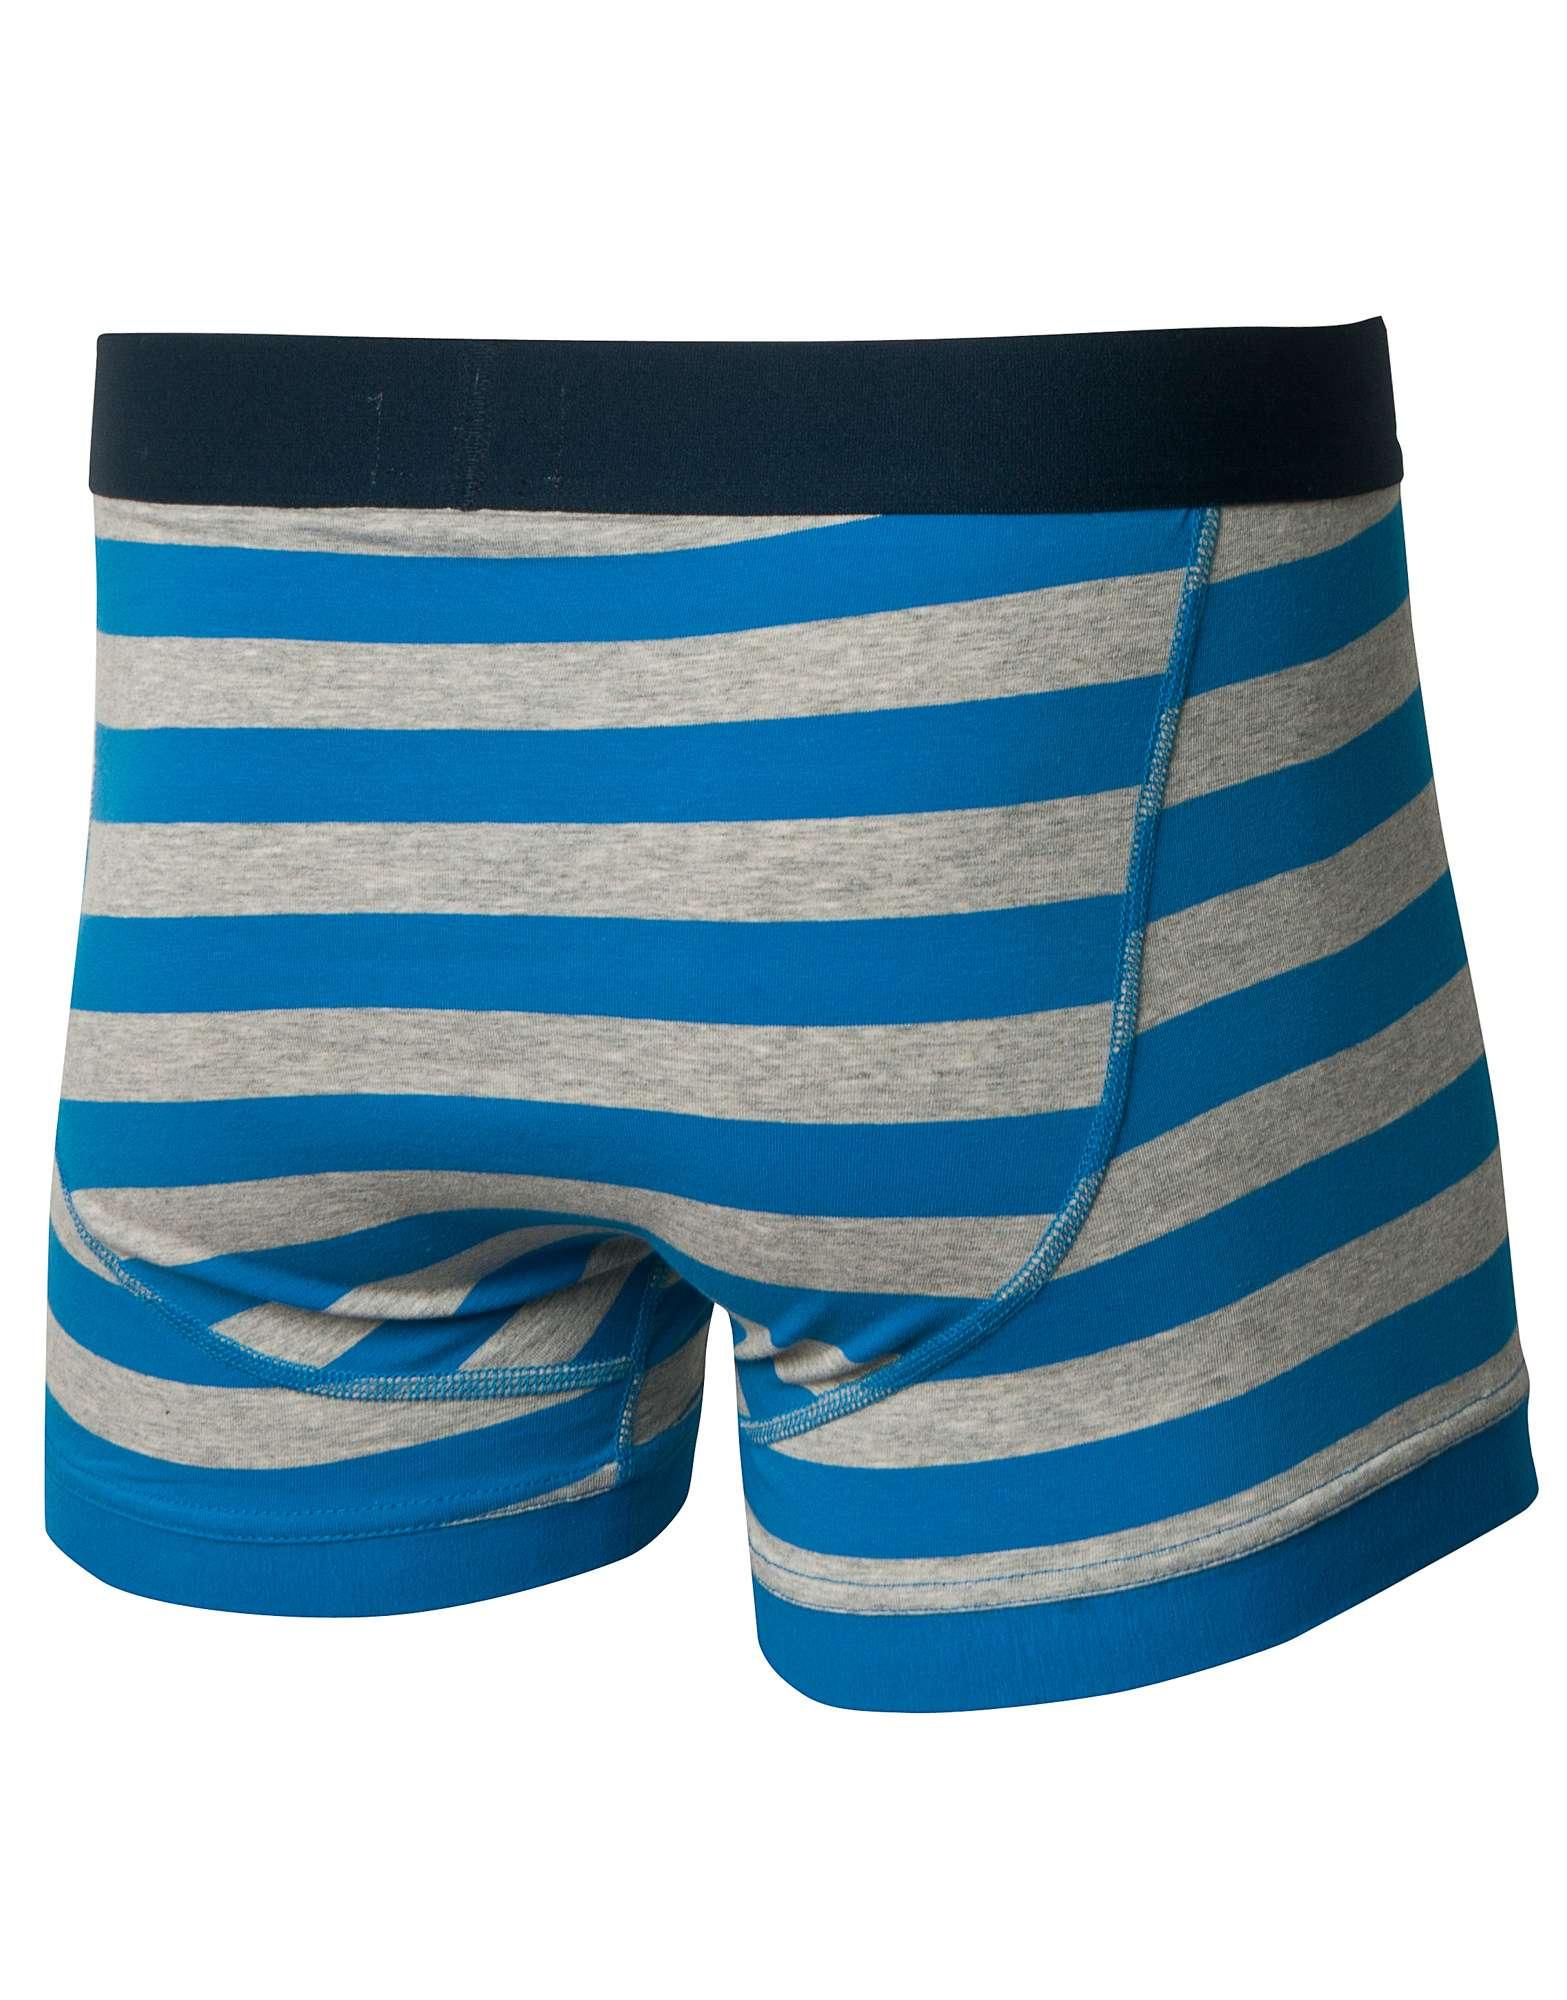 McKenzie Brixton Boxer Shorts